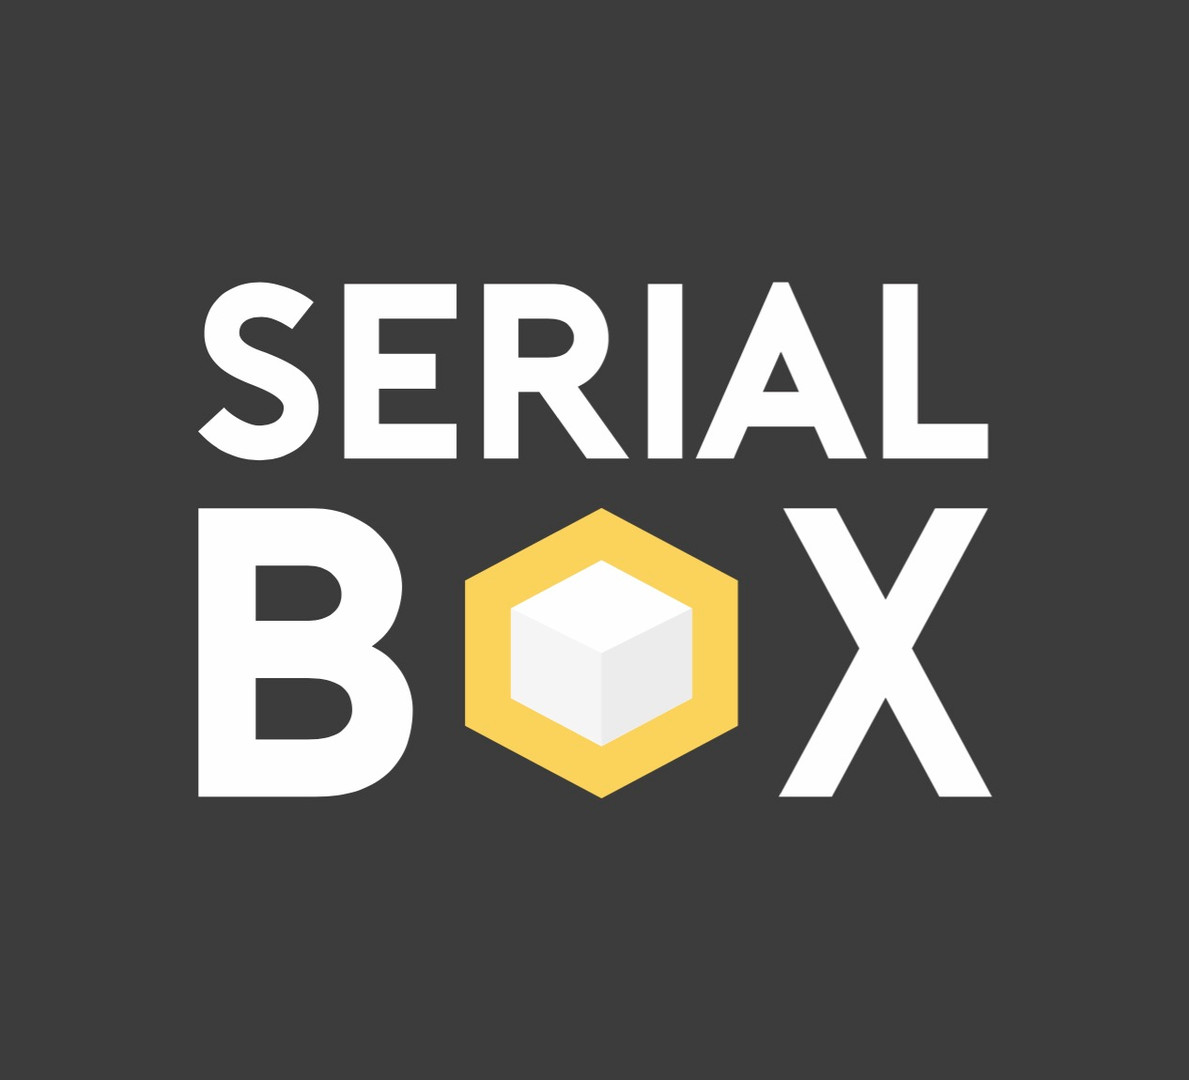 serial-box-final-logo.jpg